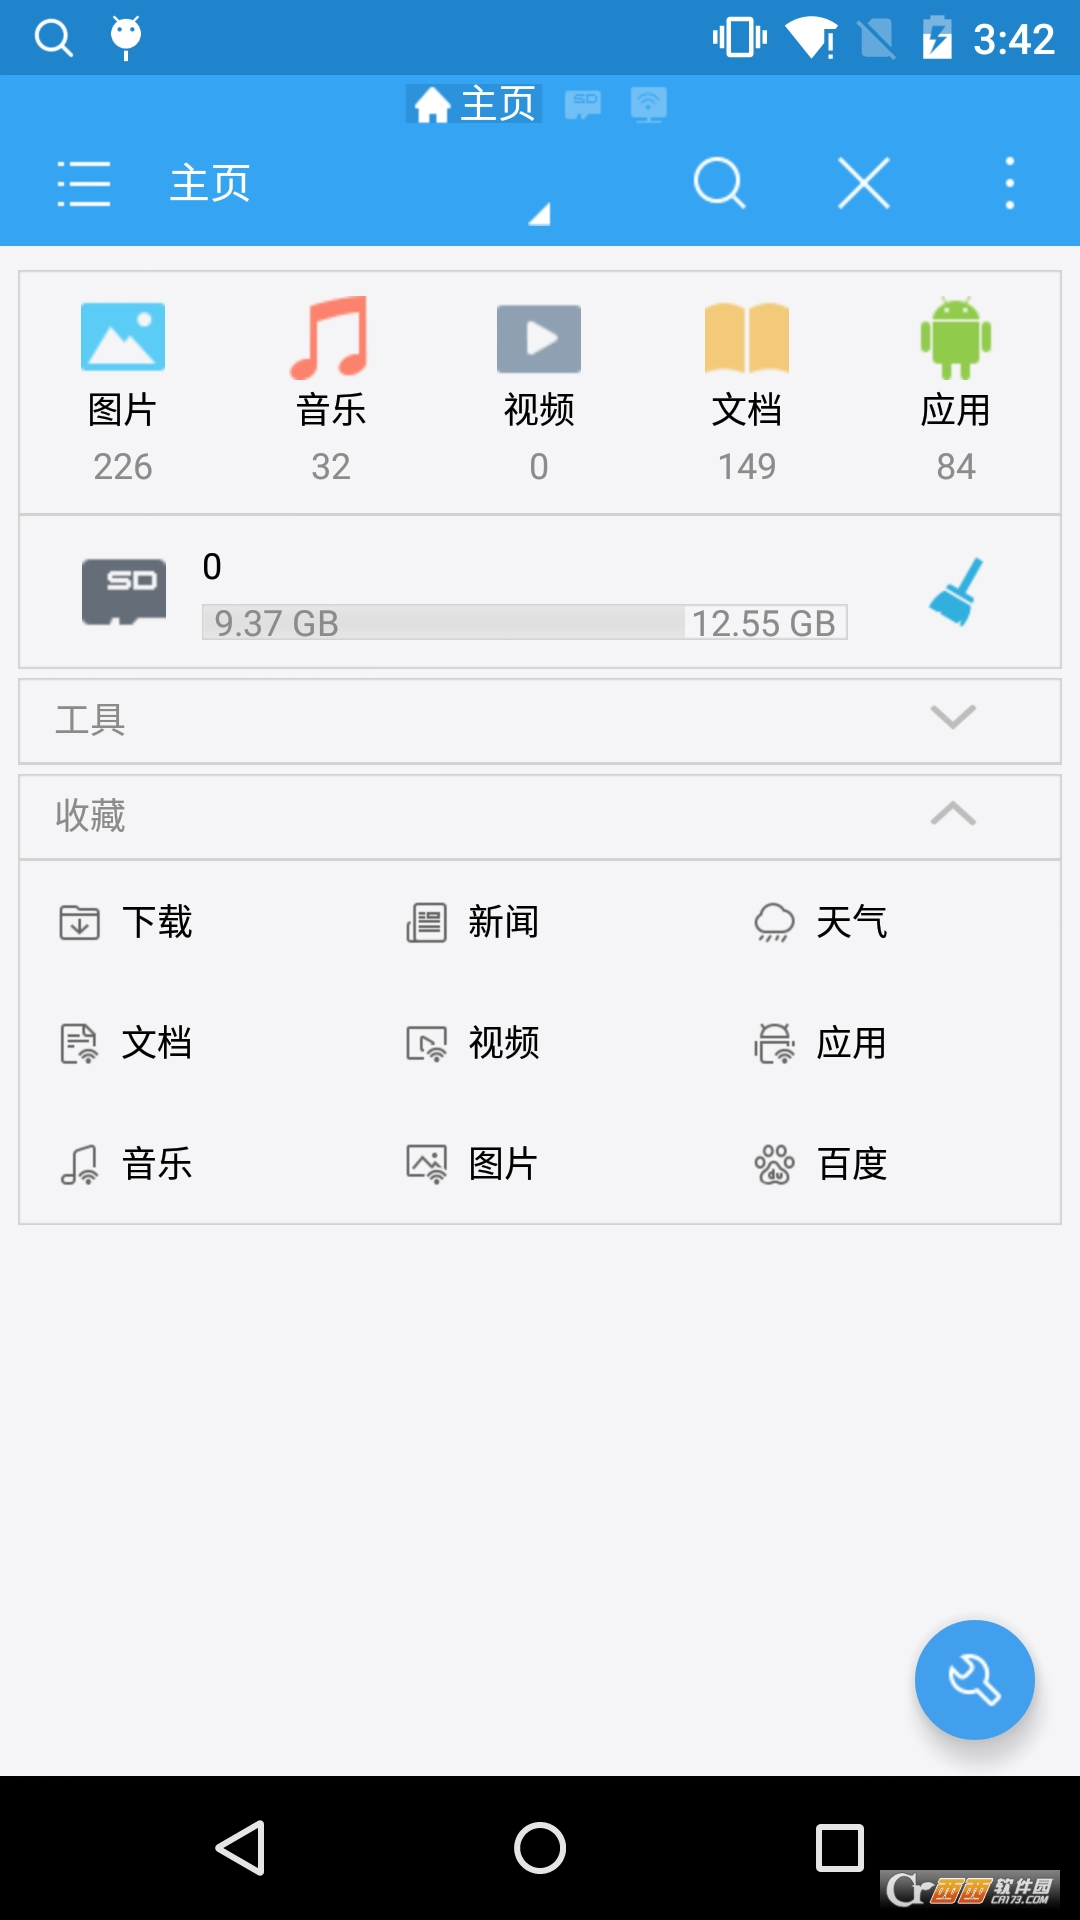 ES文件浏览器 4.1.6.9.2 免费版